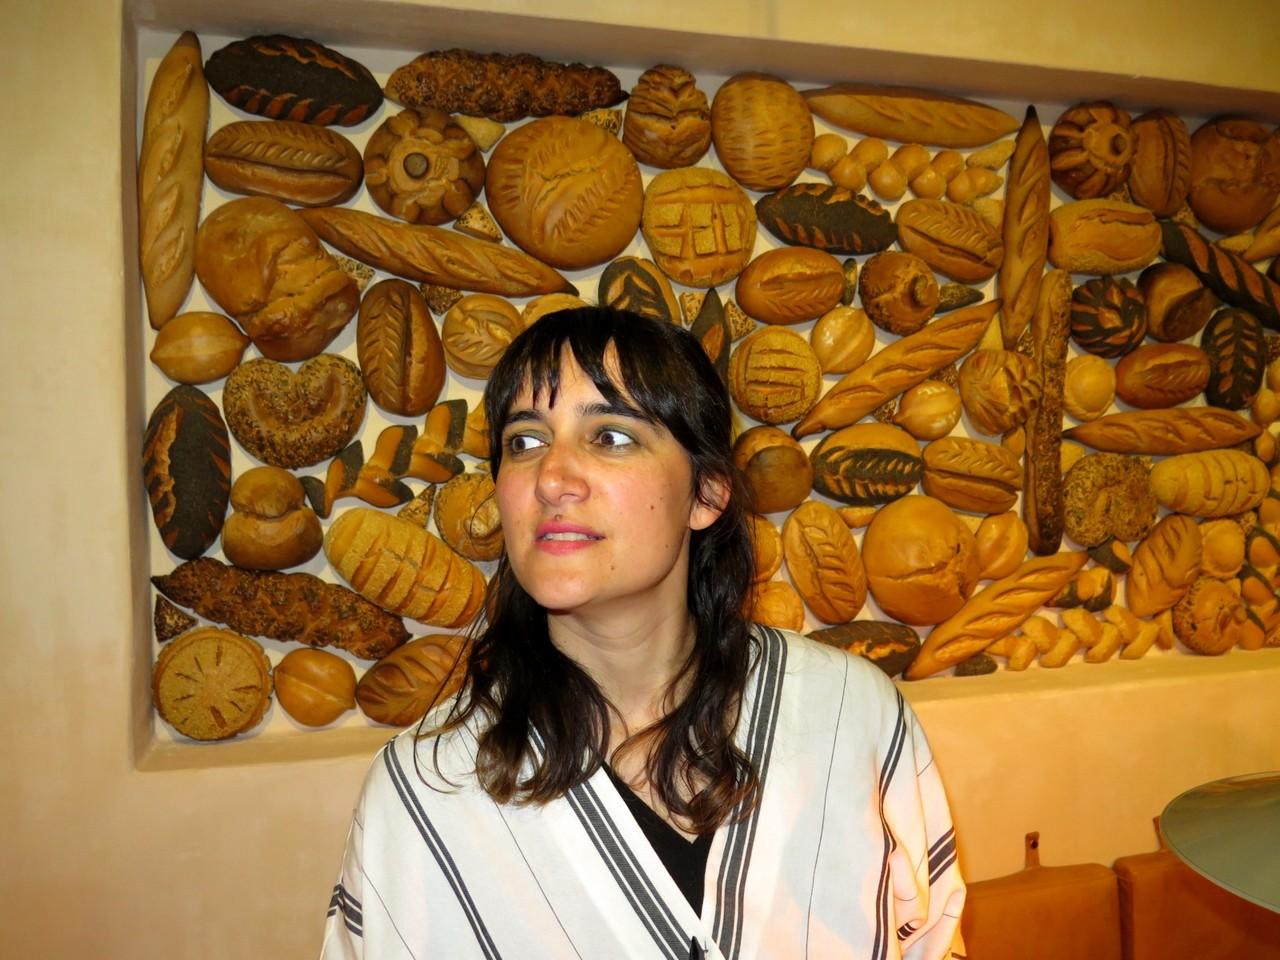 Os pães d'A PADARIA PORTUGUESA num nicho de Joana Astolfi